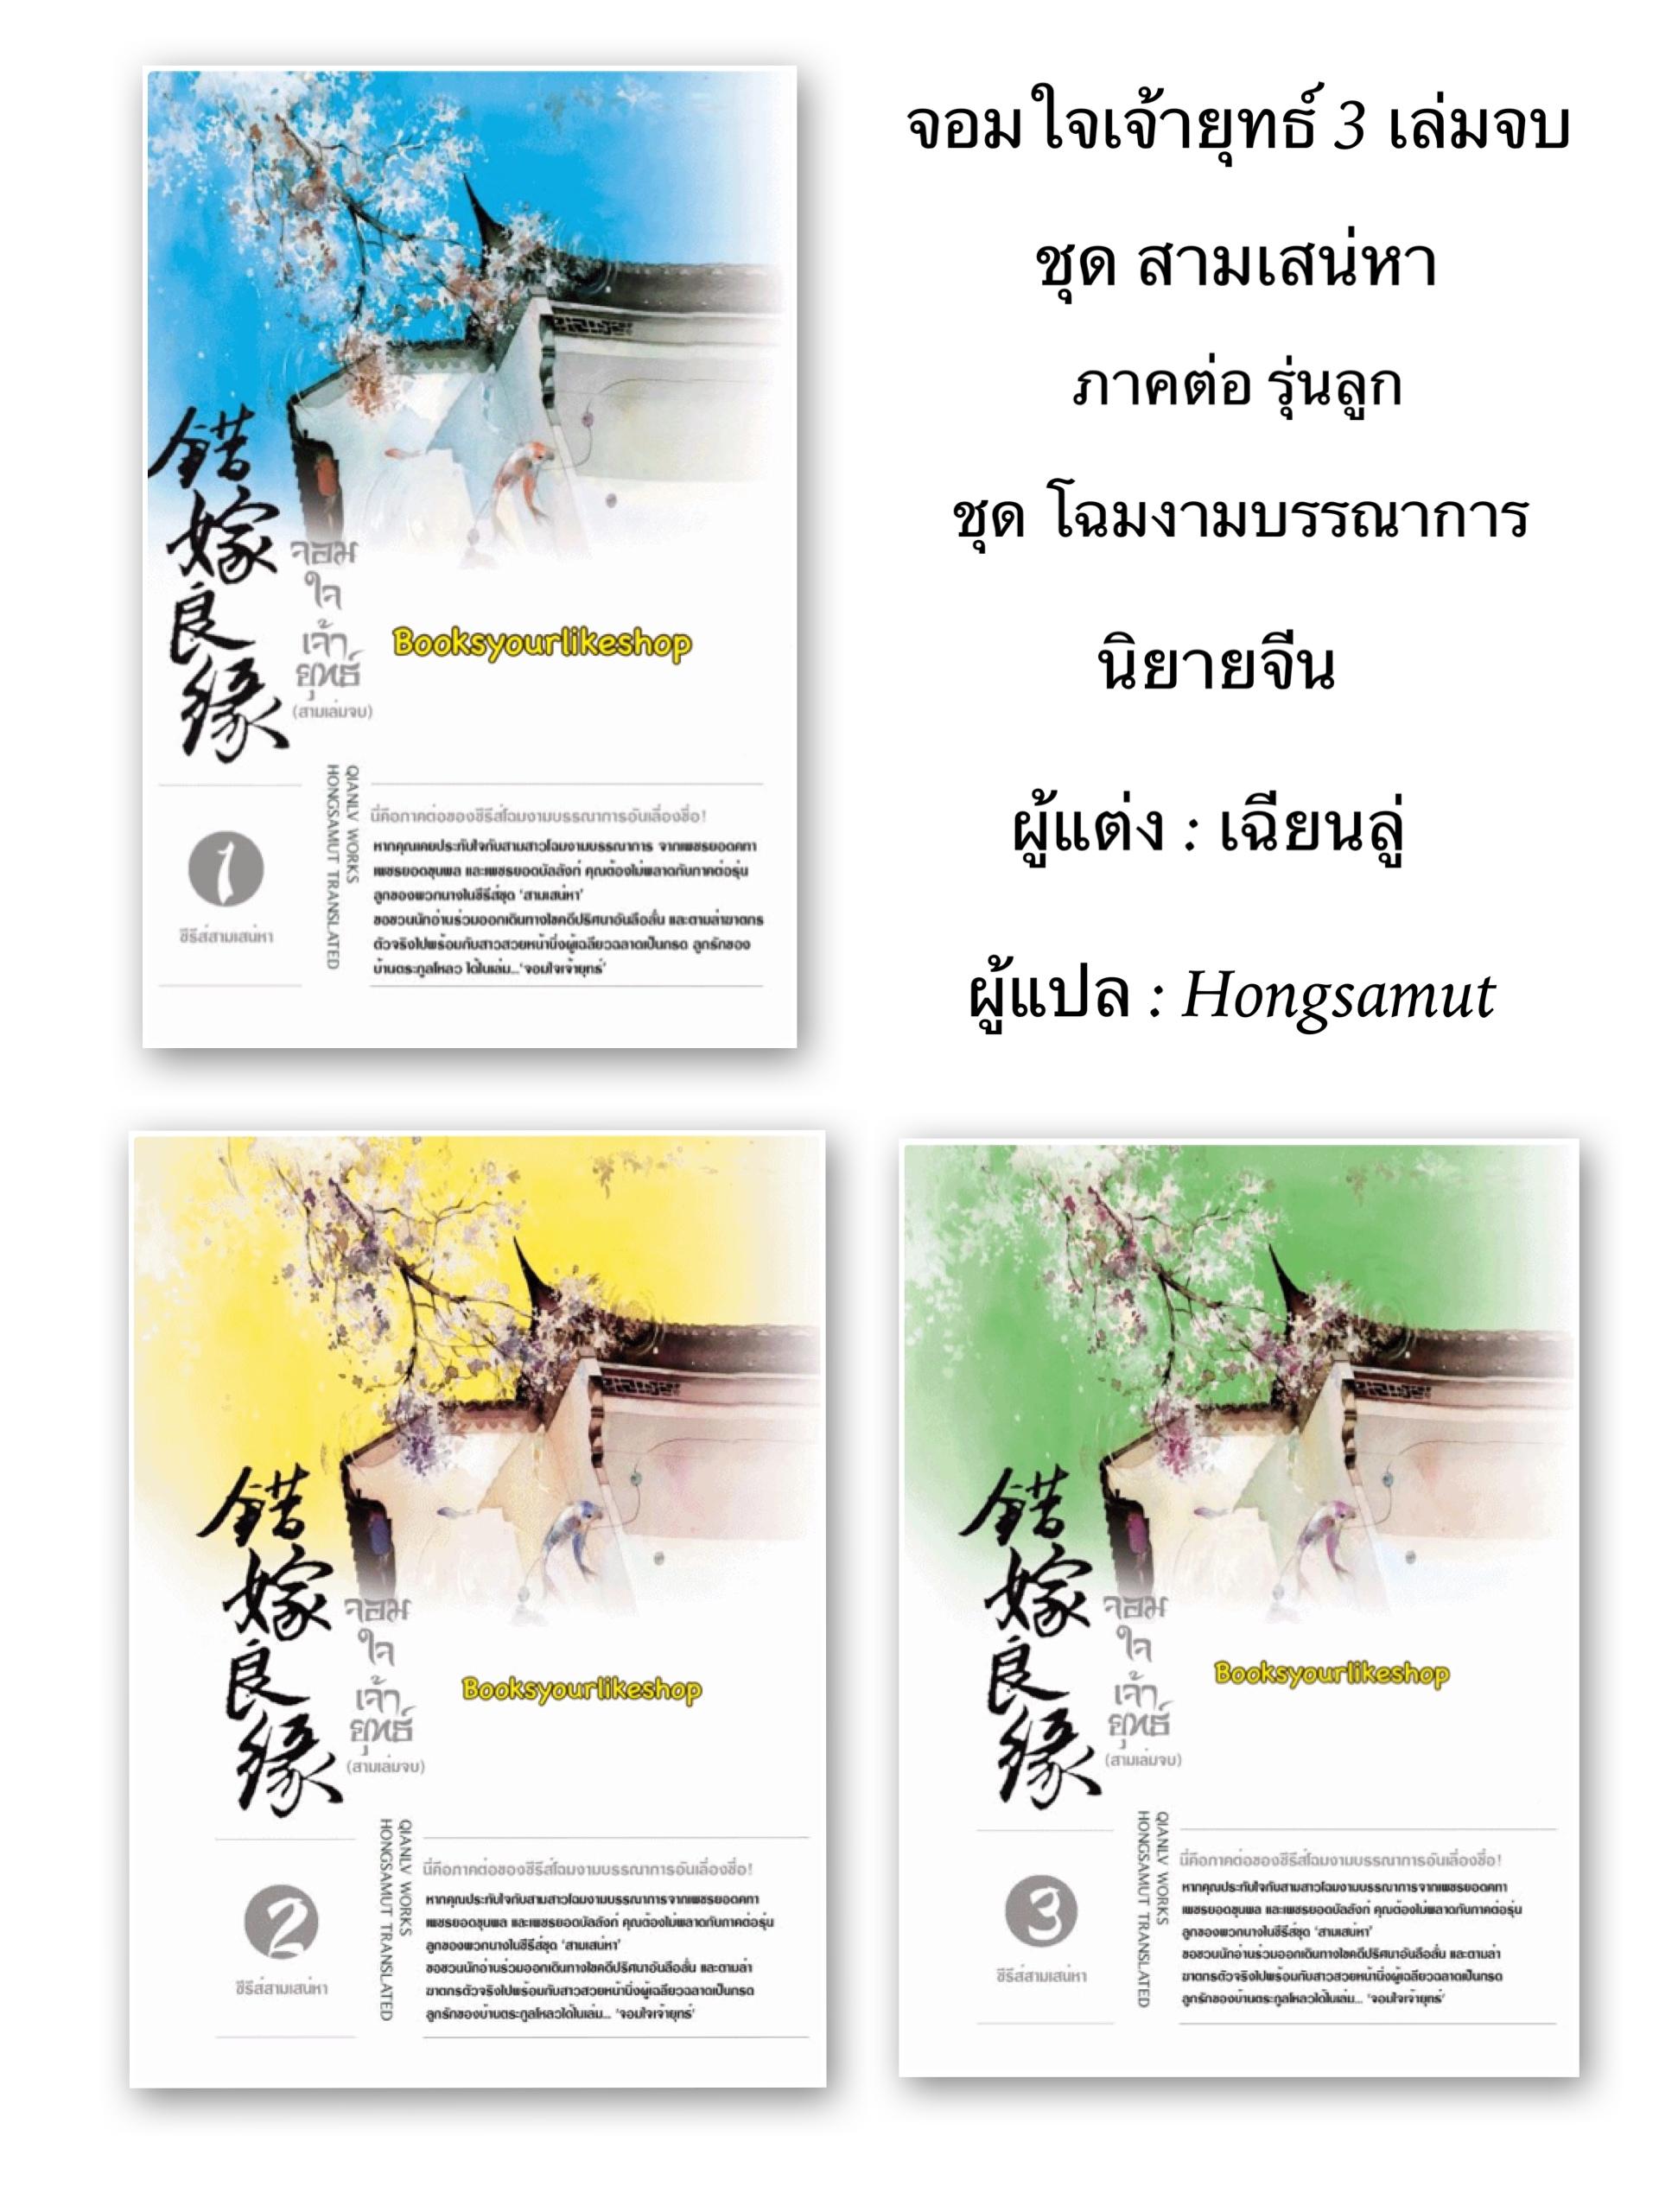 จอมใจเจ้ายุทธ์ 3 เล่มจบ รุ่นลูก II ชุด โฉมนางบรรณาการ ปกอ่อน / เฉียนลู่ แต่ง, hongsamut แปล